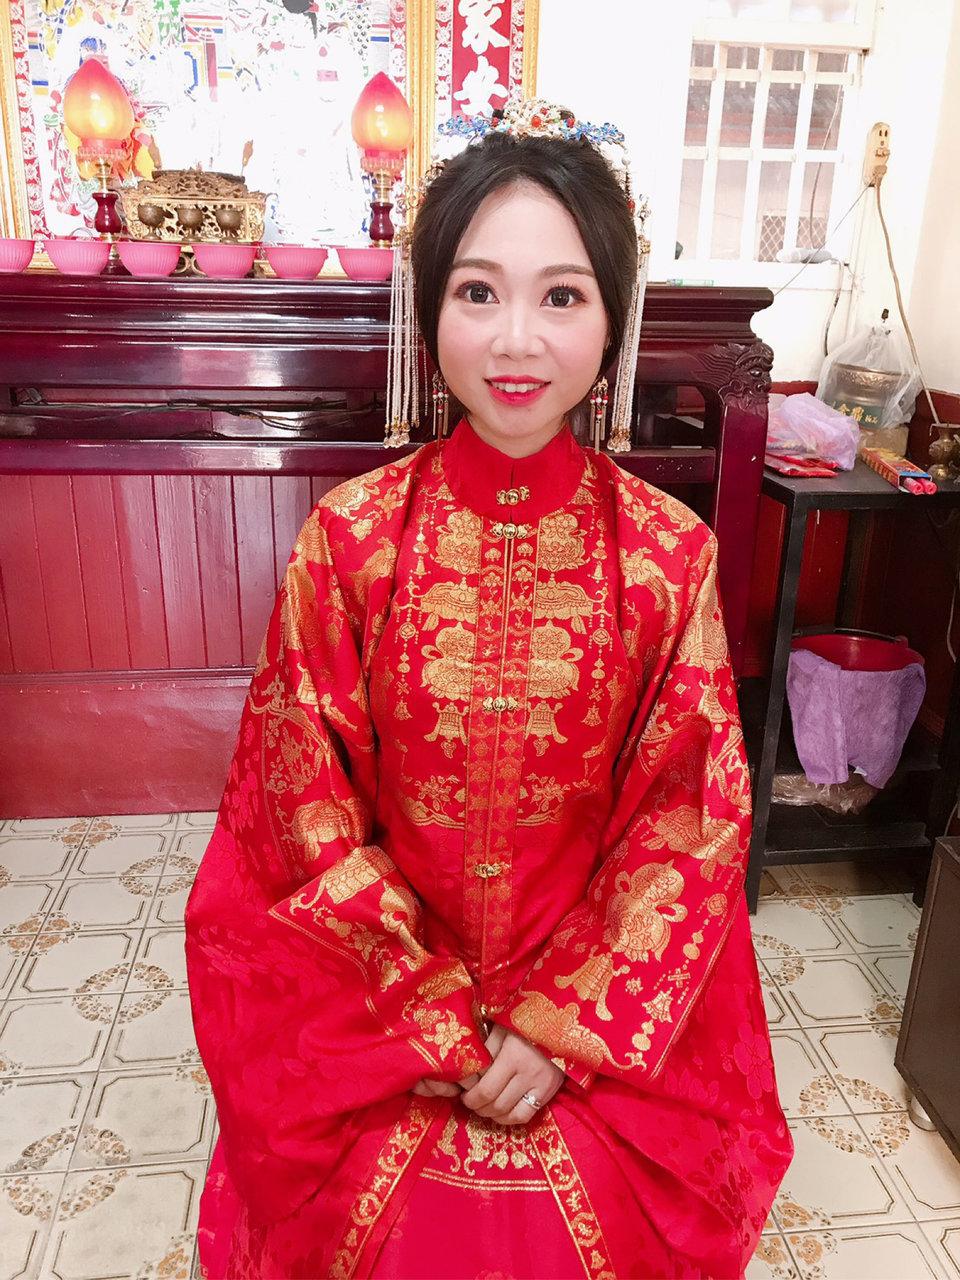 台中豐原新秘鄧芃芃,芃芃是經驗豐富的新秘,她滿足了我的困難要求,選她做為我的新秘覺得超值得的~